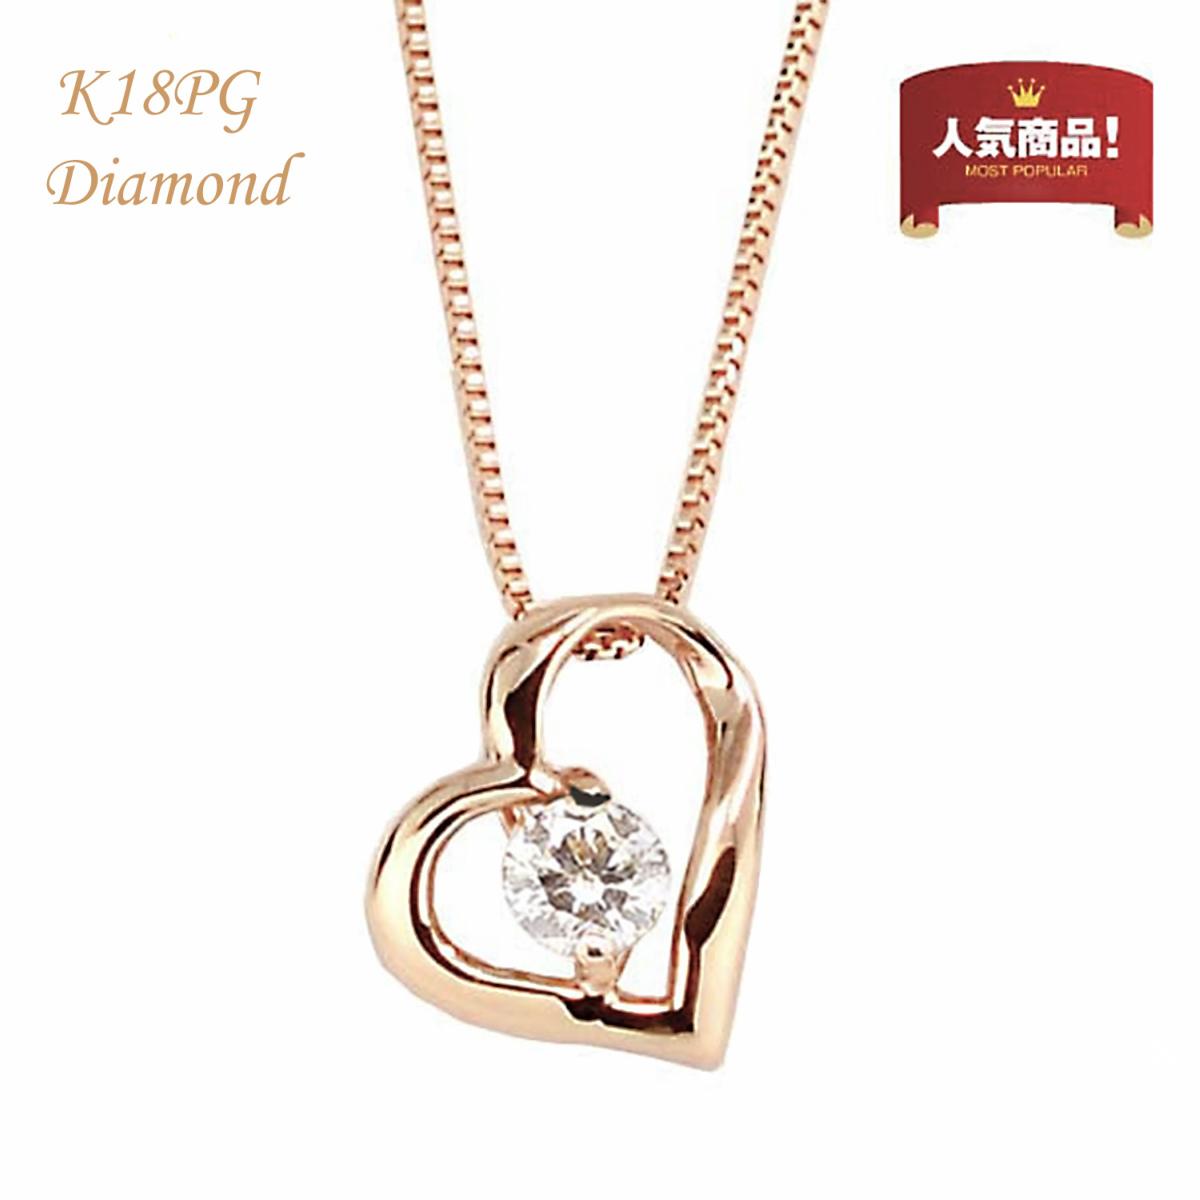 【ネックレス ダイヤ ダイヤモンド 0.1c ダイヤネックレス ダイヤモンドジュエリー 一粒ダイヤ K18 PG ピンクゴールド かわいい ハートモチーフ プレゼント 誕生日 ギフト】